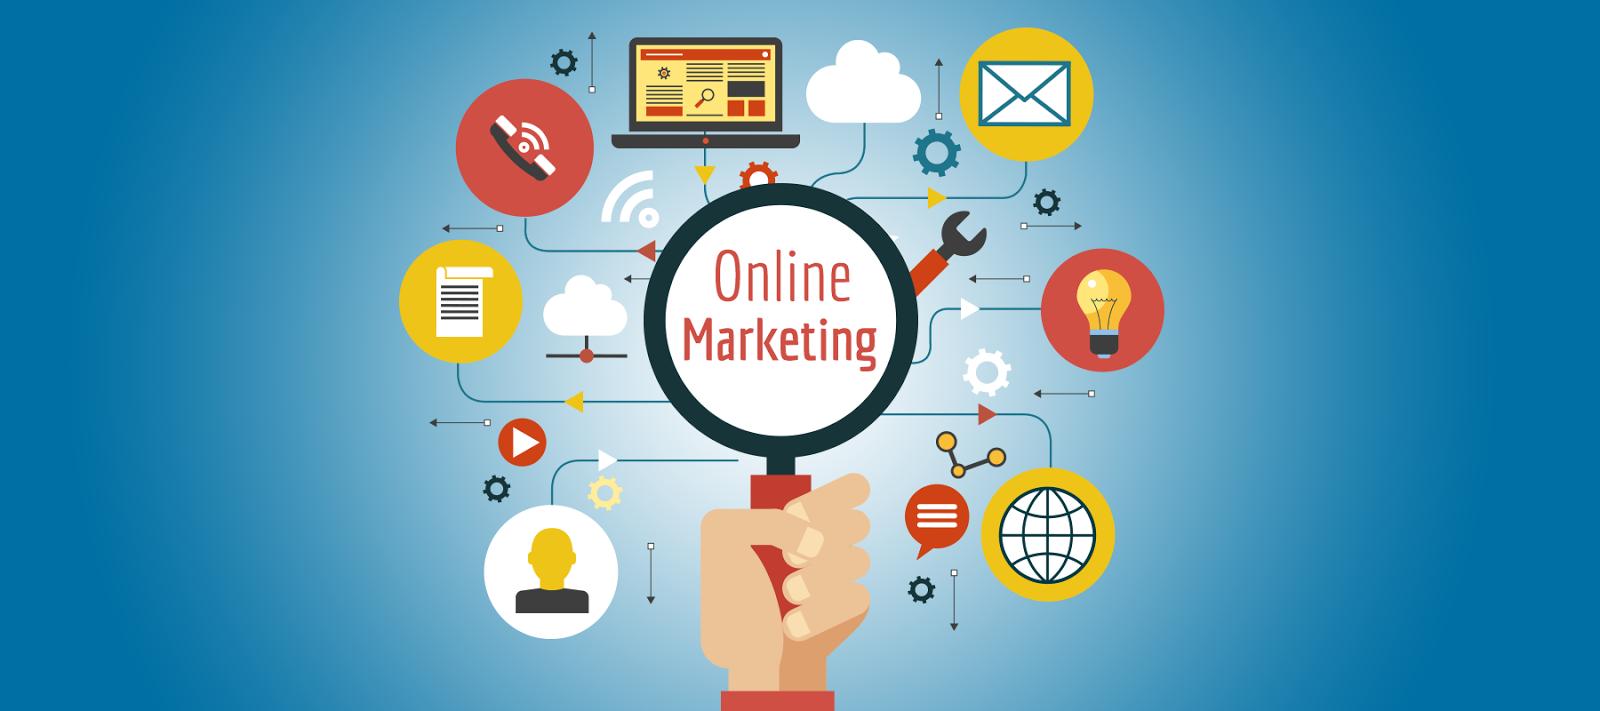 Cara Promosi Website Toko Online Agar Ramai Pengunjung - Sakoo